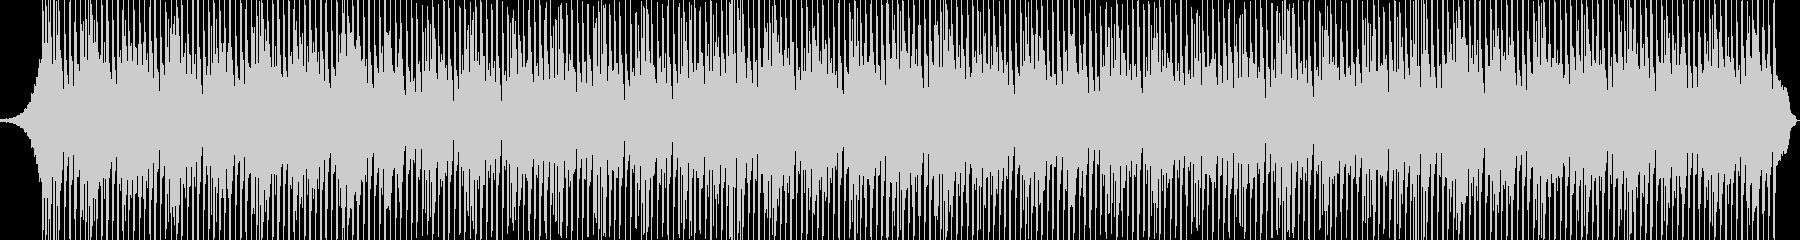 【クリスマス】ラミーなアイコの未再生の波形